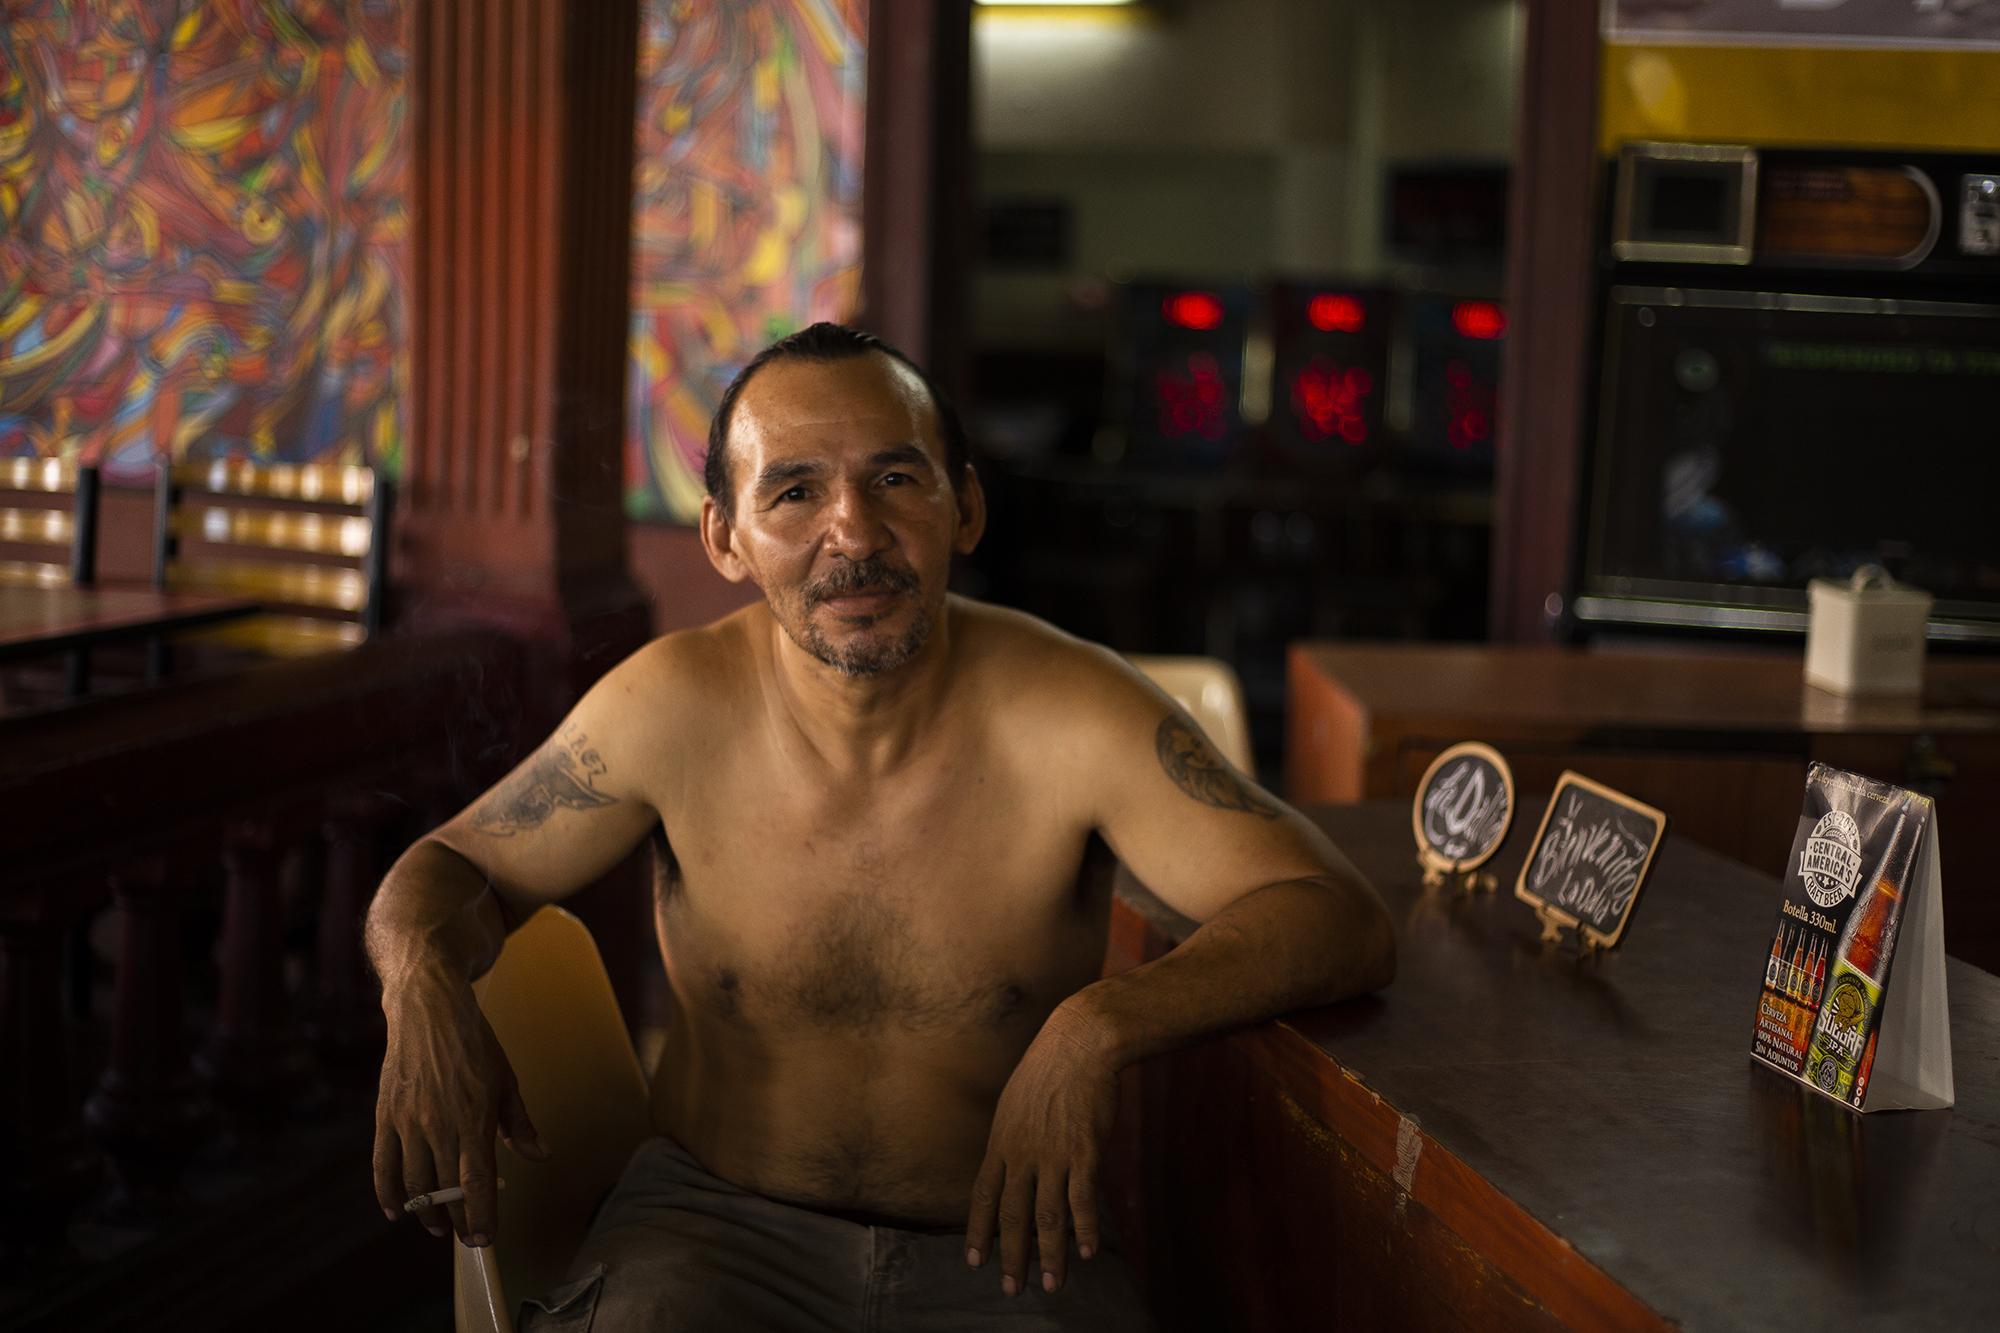 Emilio Serrano tiene 45 años y admite que la mitad de su vida la ha pasado en La Dalia. Primero fue cliente y después empleado, su trabajo es mantener limpio y ordenado el lugar, '' para trabajar aquí lo importante es ganarse la confianza de la gente'' dice mientras fuma un cigarrillo.